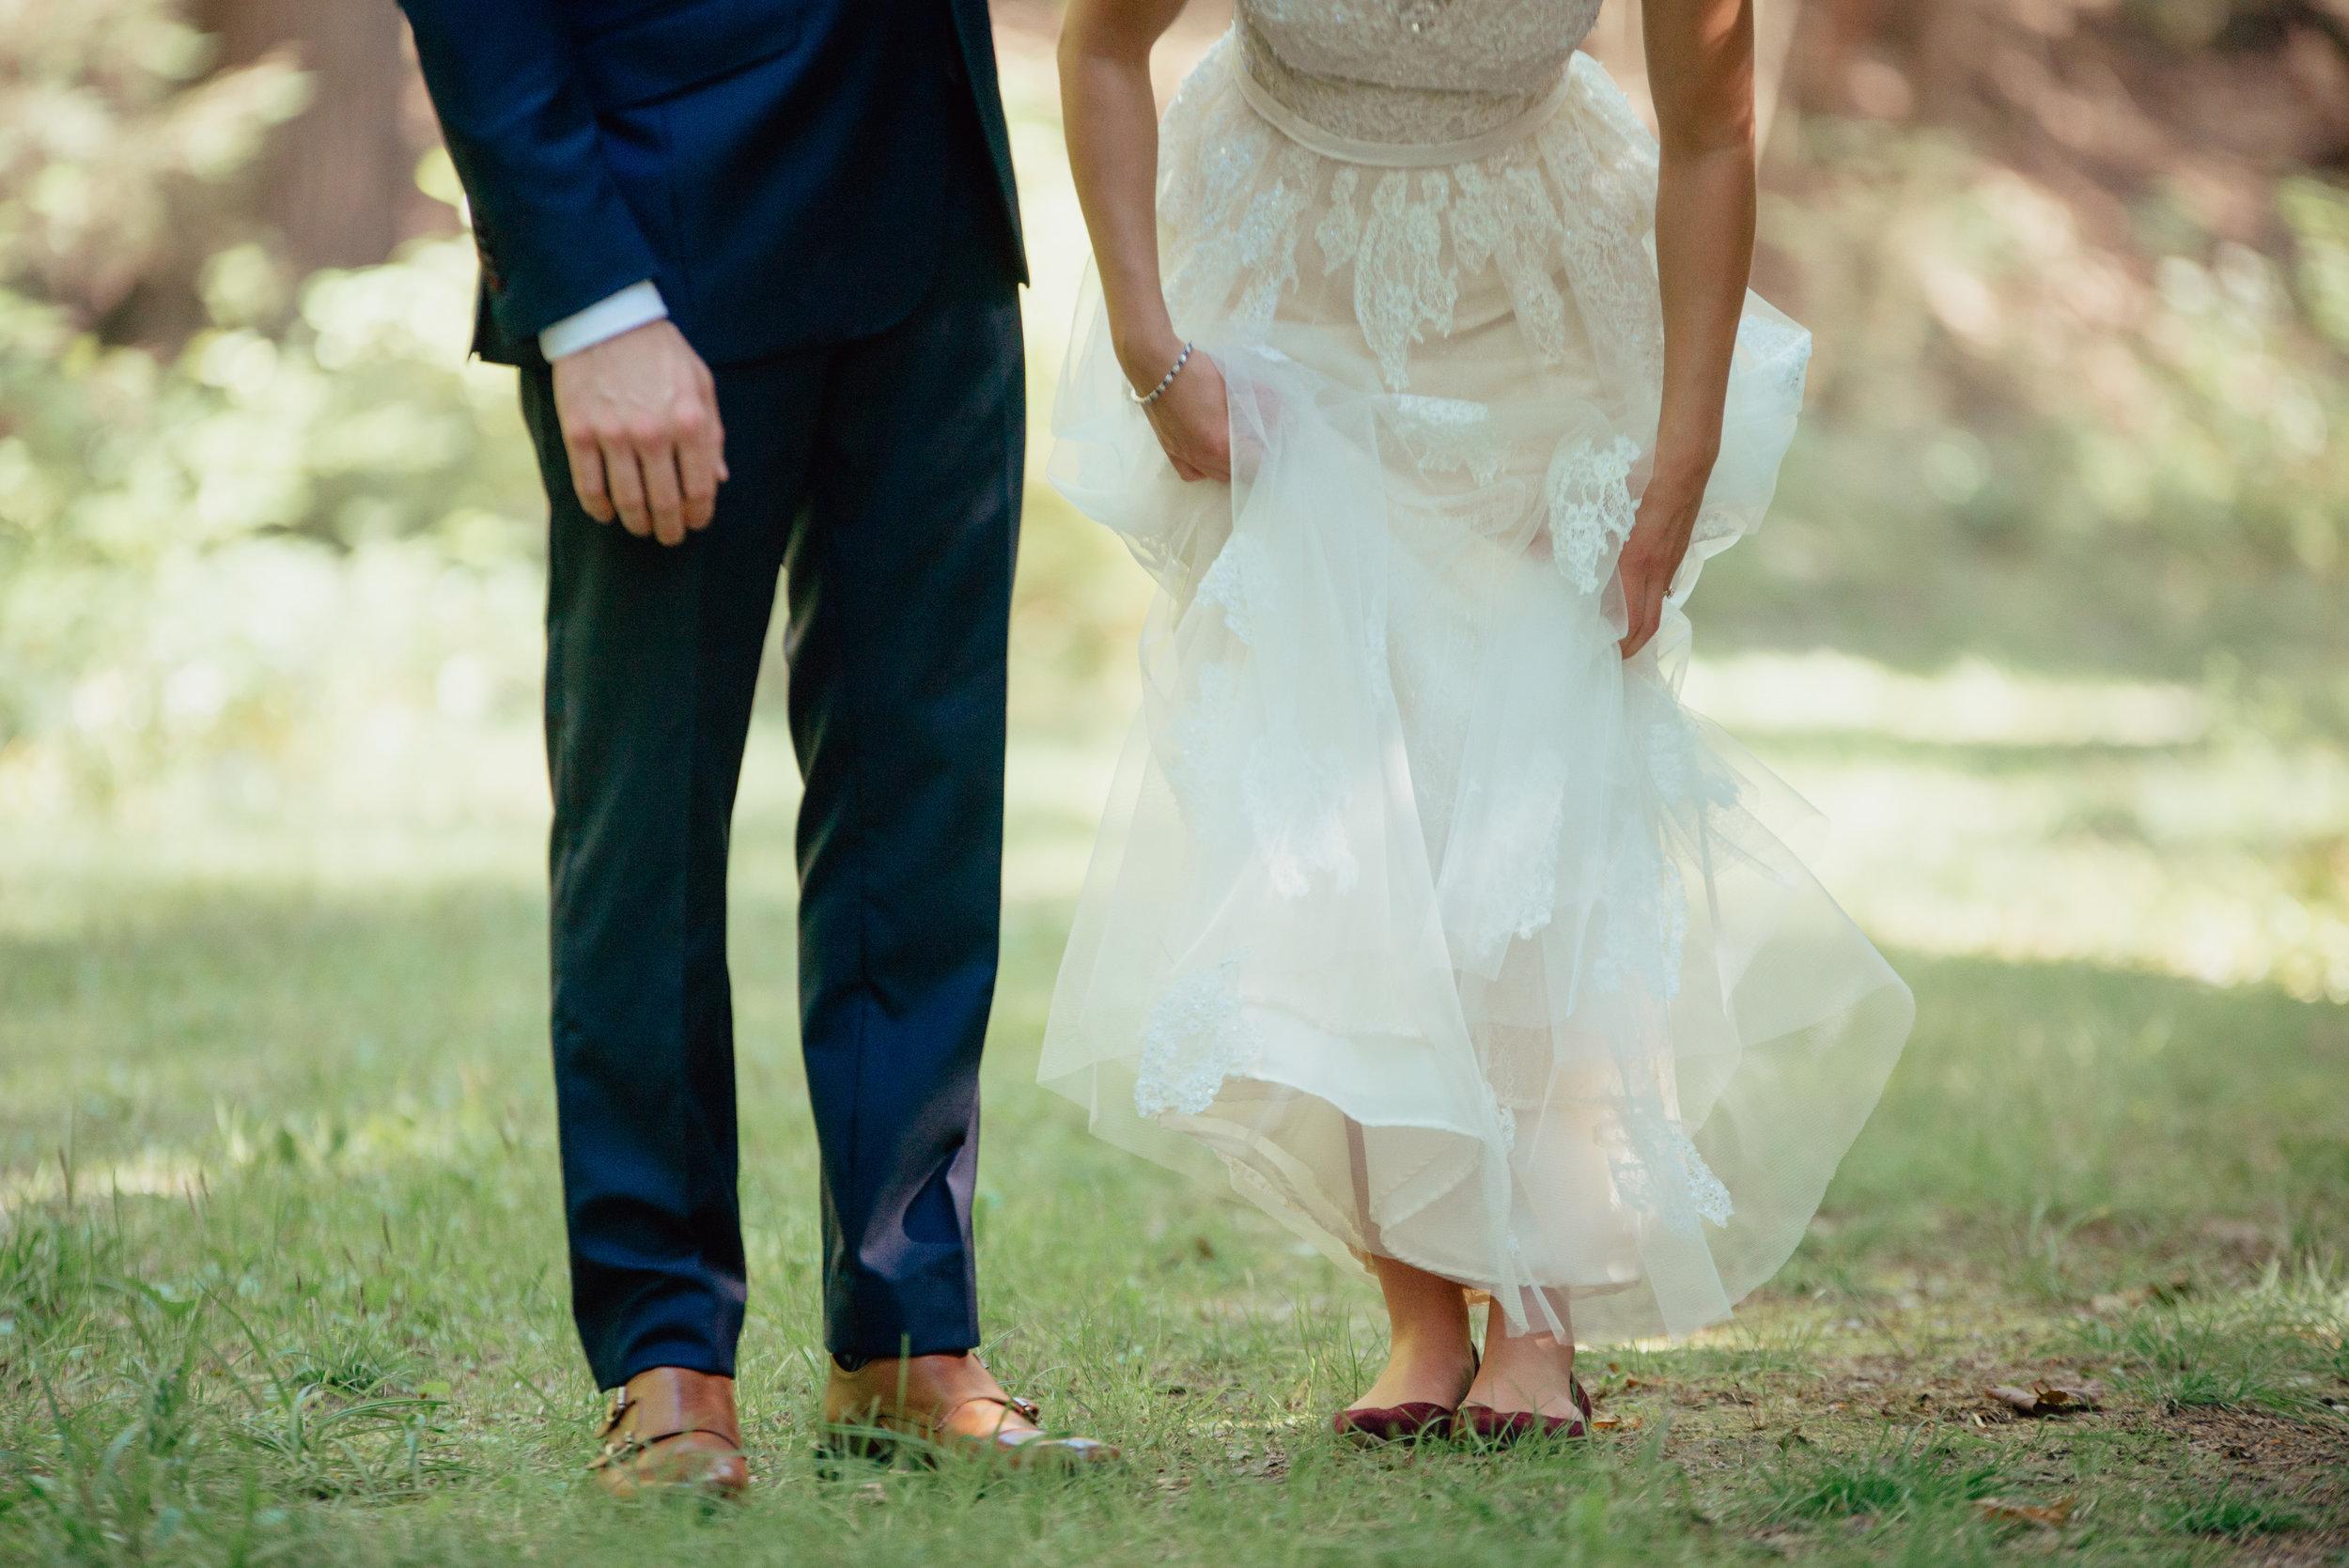 cleland-studios-weddings-13.jpg